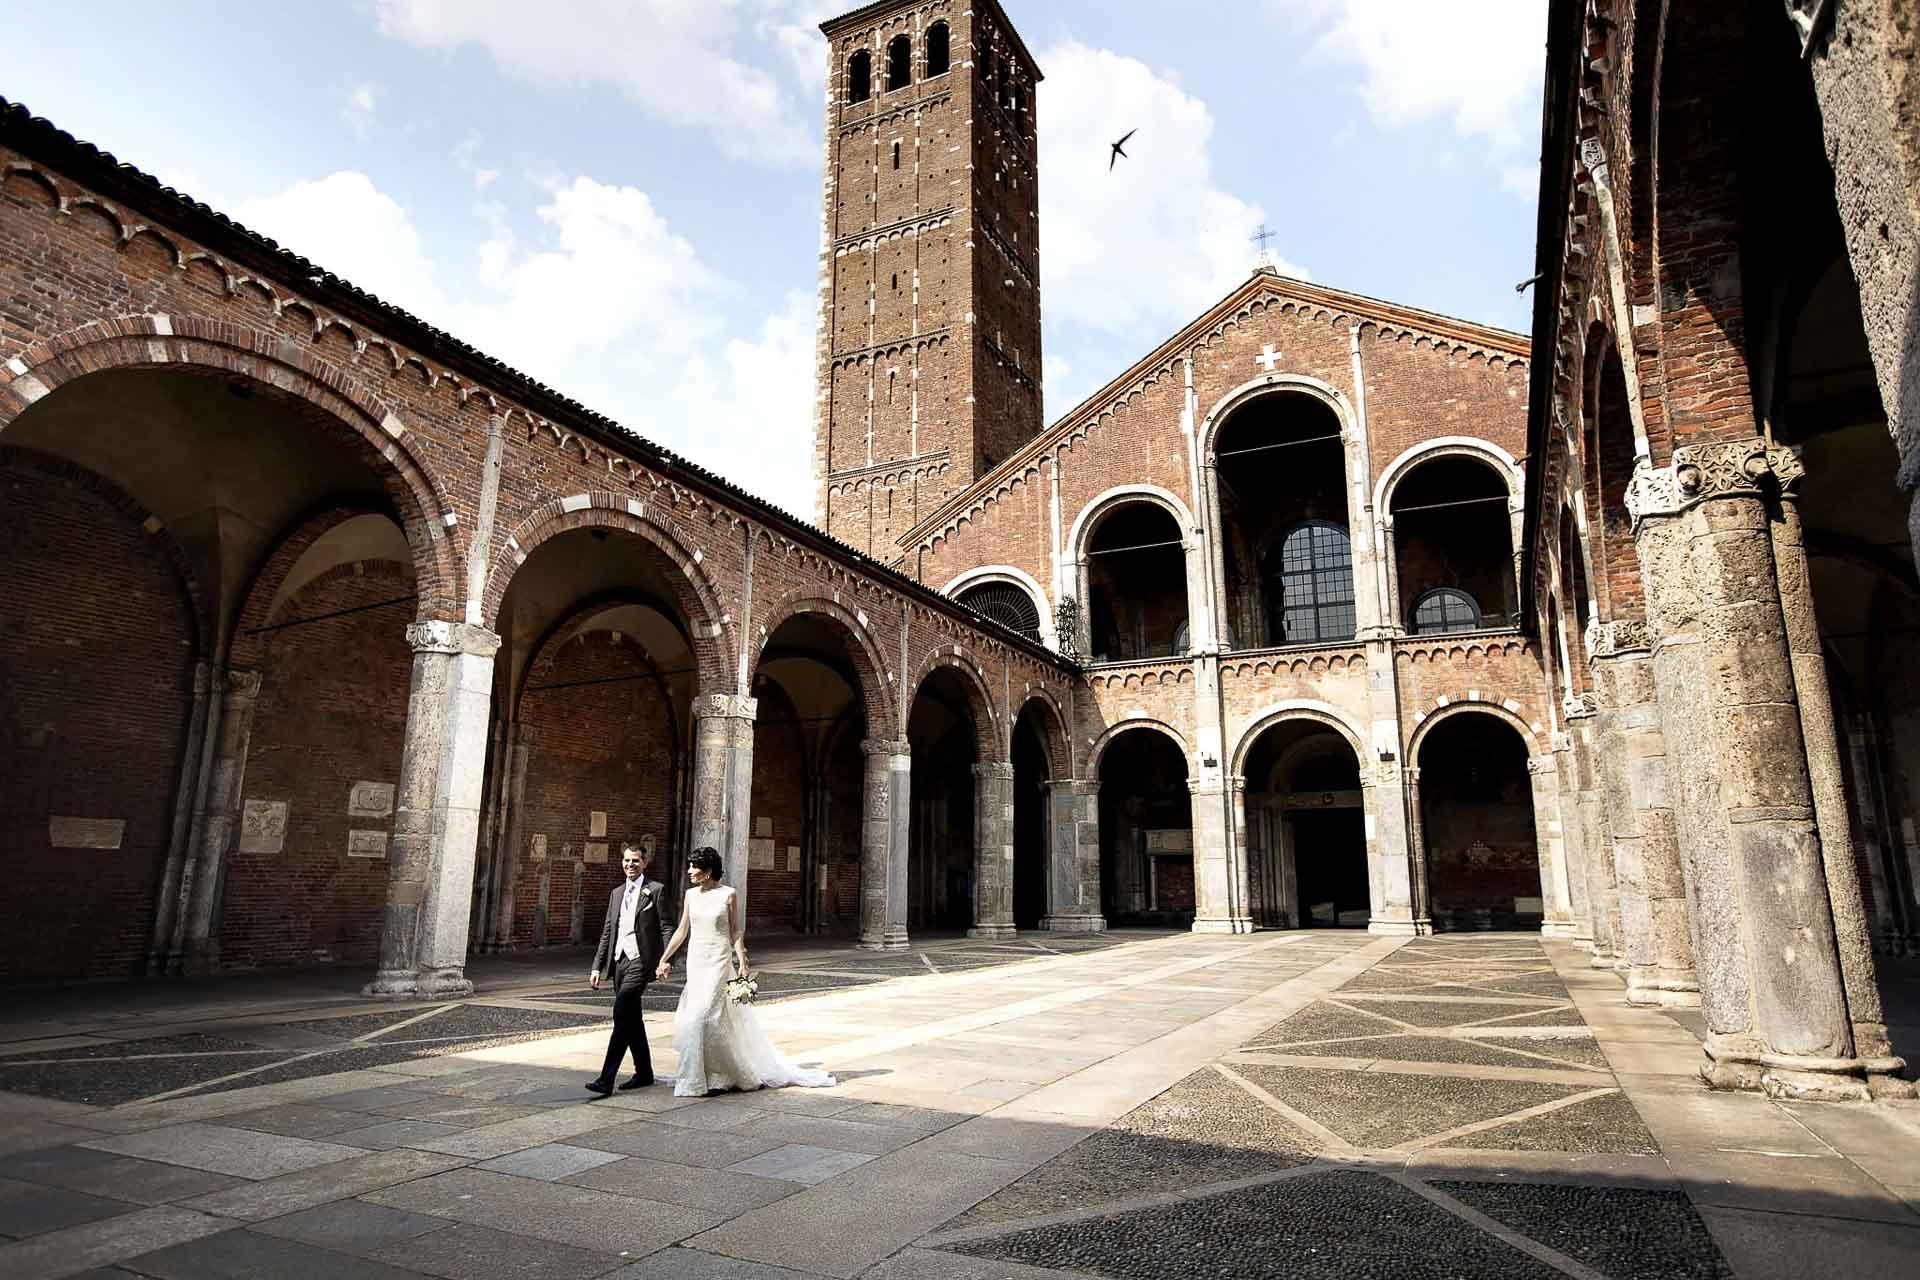 Sposi Fotografati Dentro il Chiosco di Sant'Ambrogio Fotografo Nino Lombardo